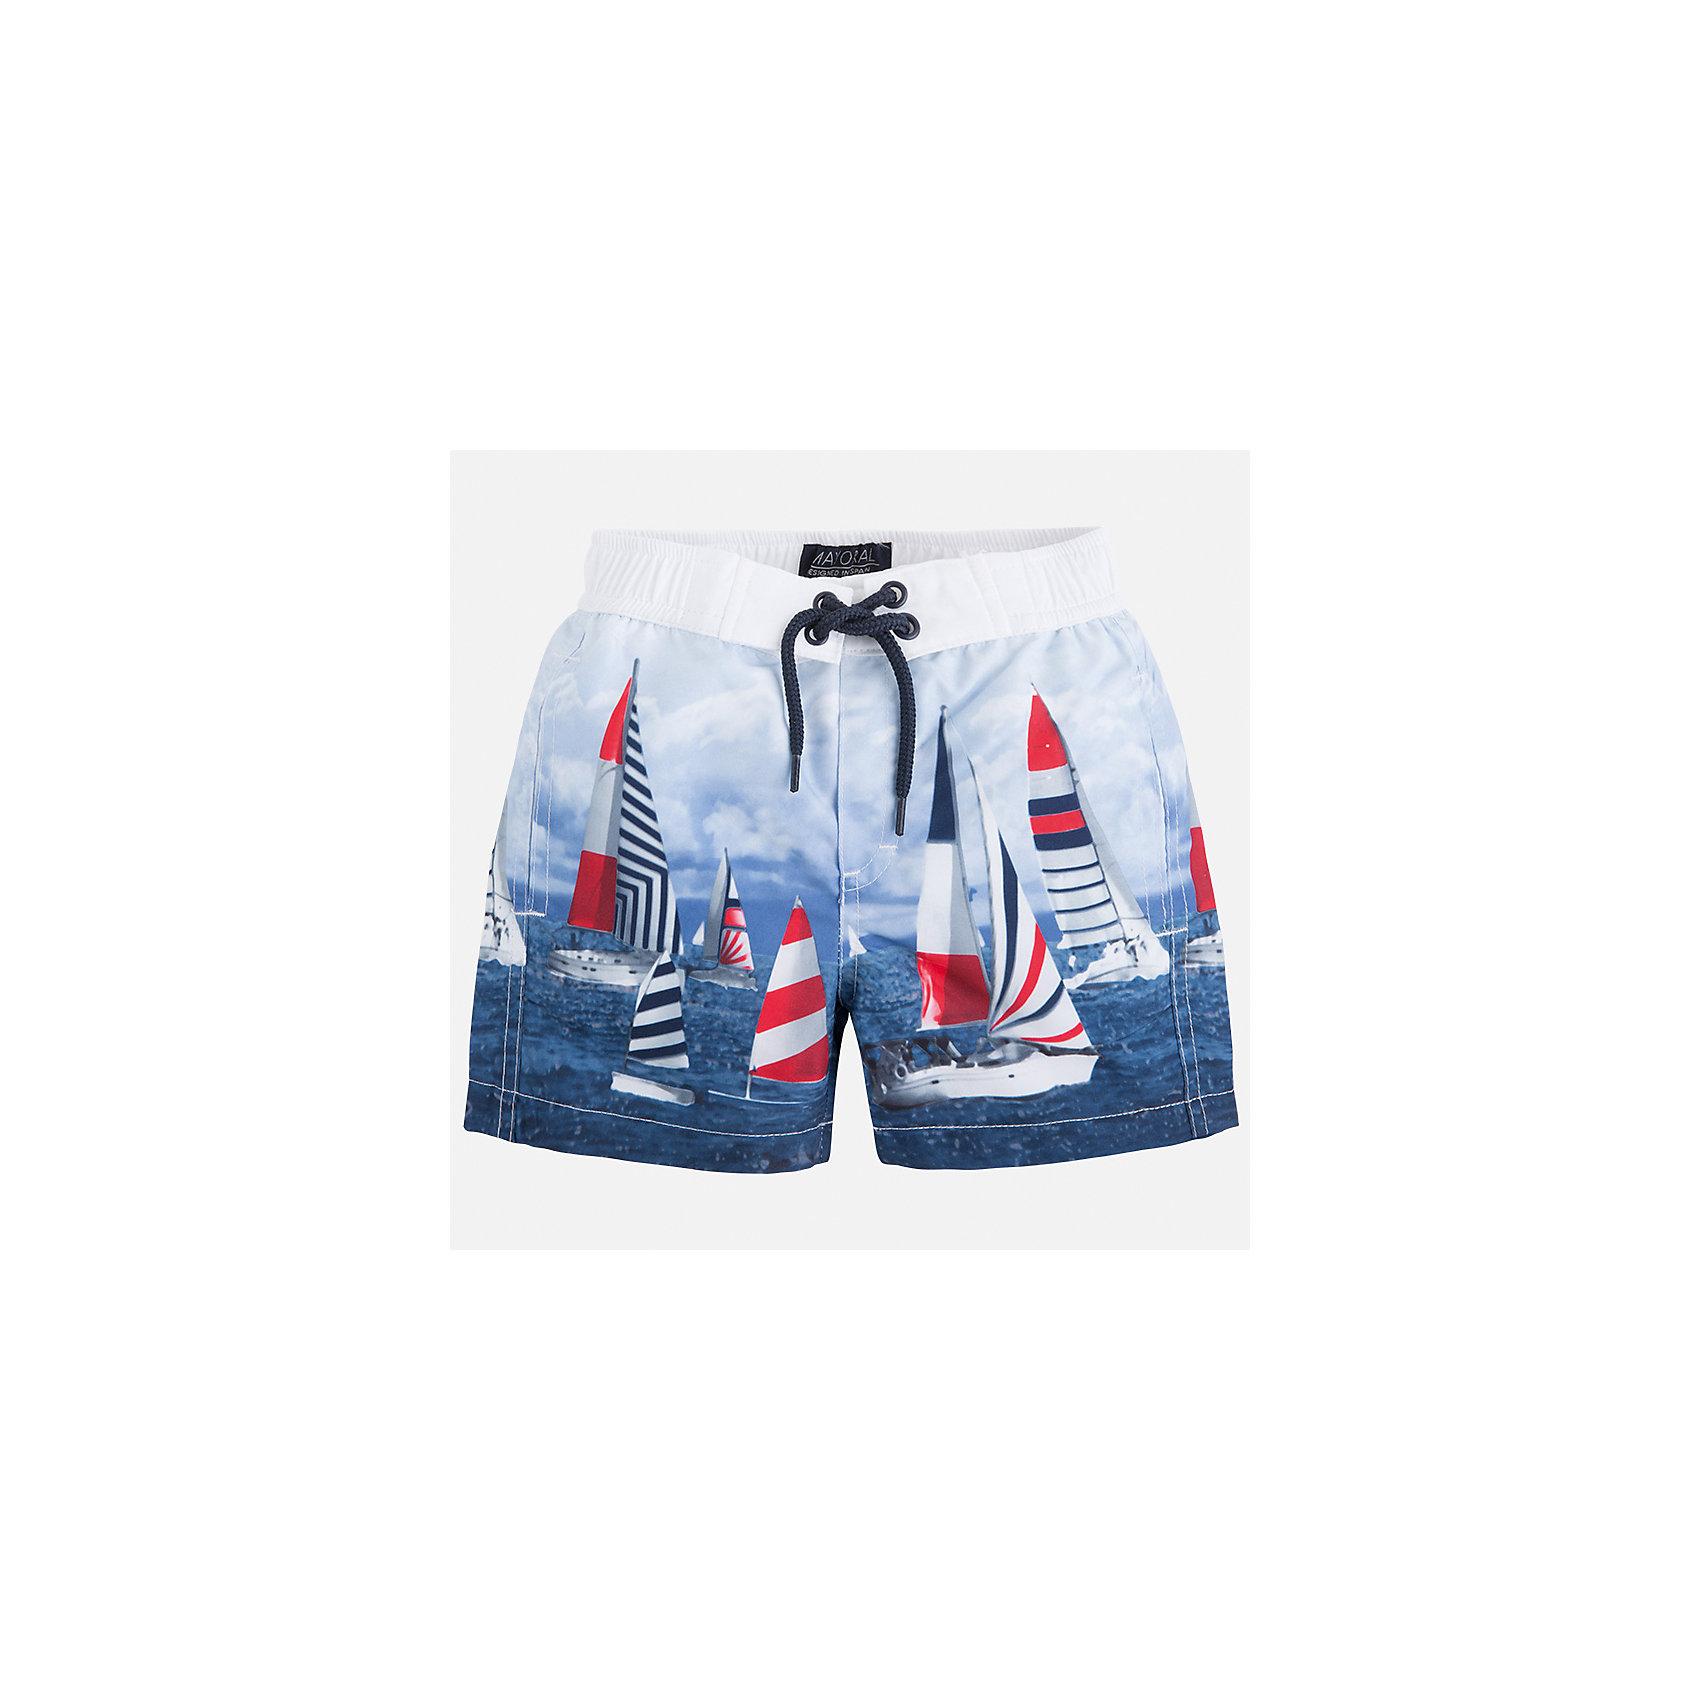 Плавки-шорты для мальчика MayoralЛови волну<br>Характеристики товара:<br><br>• цвет: голубой принт<br>• состав: 100% полиэстер, подкладка - 100% полиэстер<br>• принт на ткани<br>• пояс со шнурком<br>• с подкладкой<br>• быстросохнущий материал<br>• страна бренда: Испания<br><br>Одежда для купания должна быть удобной! Эти плавательные шорты для мальчика не только хорошо сидят на ребенке, не стесняя движения и не натирая, они отлично смотрятся! Сшиты они из плотной ткани, но она очень быстро высыхает. Интересная расцветка модели делает её нарядной и оригинальной. <br><br>Одежда, обувь и аксессуары от испанского бренда Mayoral полюбились детям и взрослым по всему миру. Модели этой марки - стильные и удобные. Для их производства используются только безопасные, качественные материалы и фурнитура. Порадуйте ребенка модными и красивыми вещами от Mayoral! <br><br>Плавки для мальчика от испанского бренда Mayoral (Майорал) можно купить в нашем интернет-магазине.<br><br>Ширина мм: 183<br>Глубина мм: 60<br>Высота мм: 135<br>Вес г: 119<br>Цвет: розовый<br>Возраст от месяцев: 84<br>Возраст до месяцев: 96<br>Пол: Мужской<br>Возраст: Детский<br>Размер: 128,122,92,116,110,98,134,104<br>SKU: 5281153